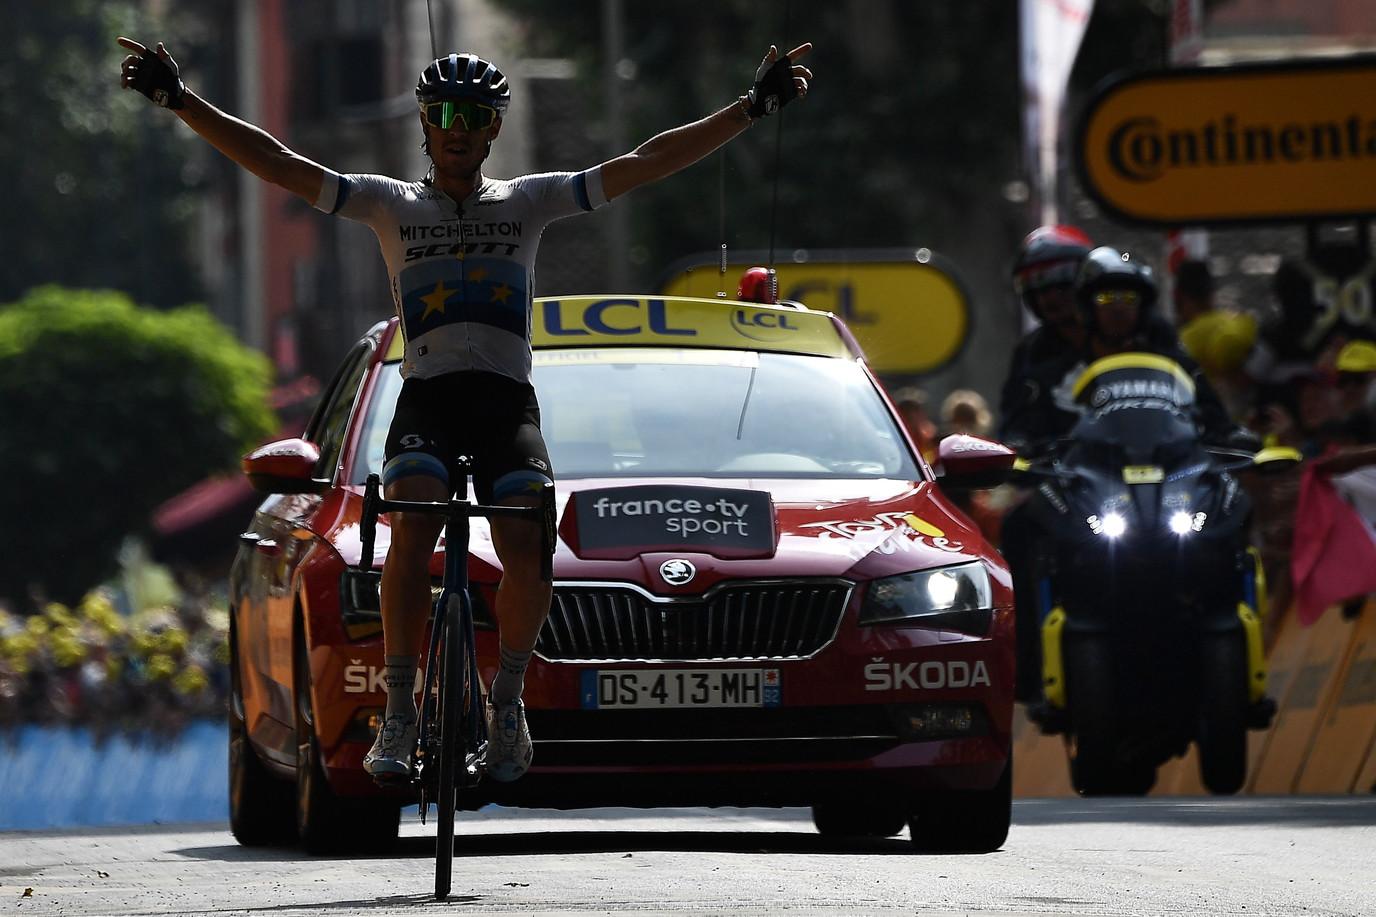 La 17.a tappa del Tour de France parla italiano: è Matteo Trentin a vincere sul traguardo di Gap, dopo una giornata passata tutta in fuga e lo ...